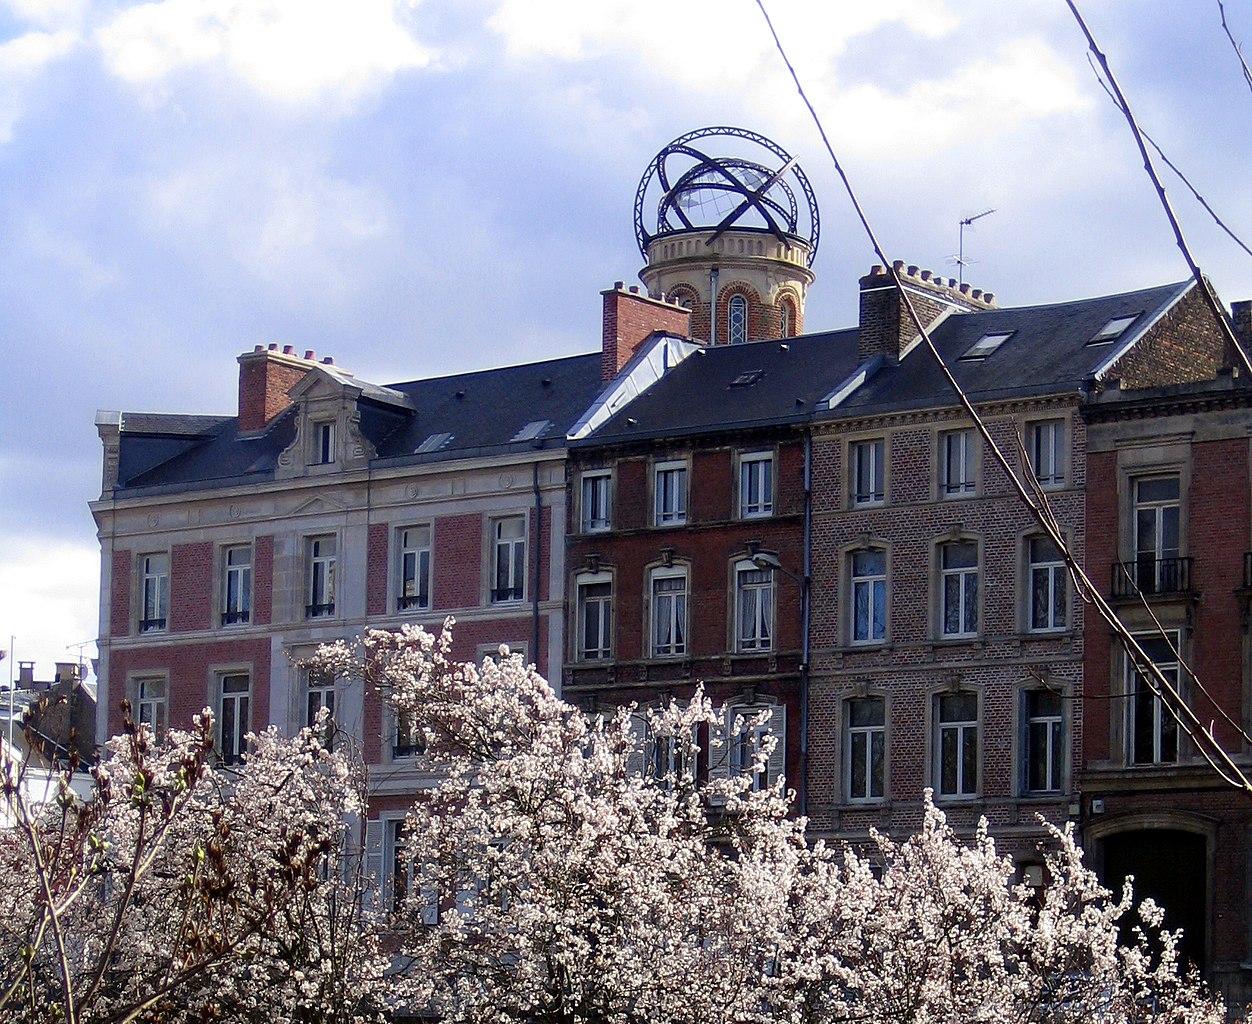 File:Amiens Tour Jules Verne (depuis Boulevard) 1a